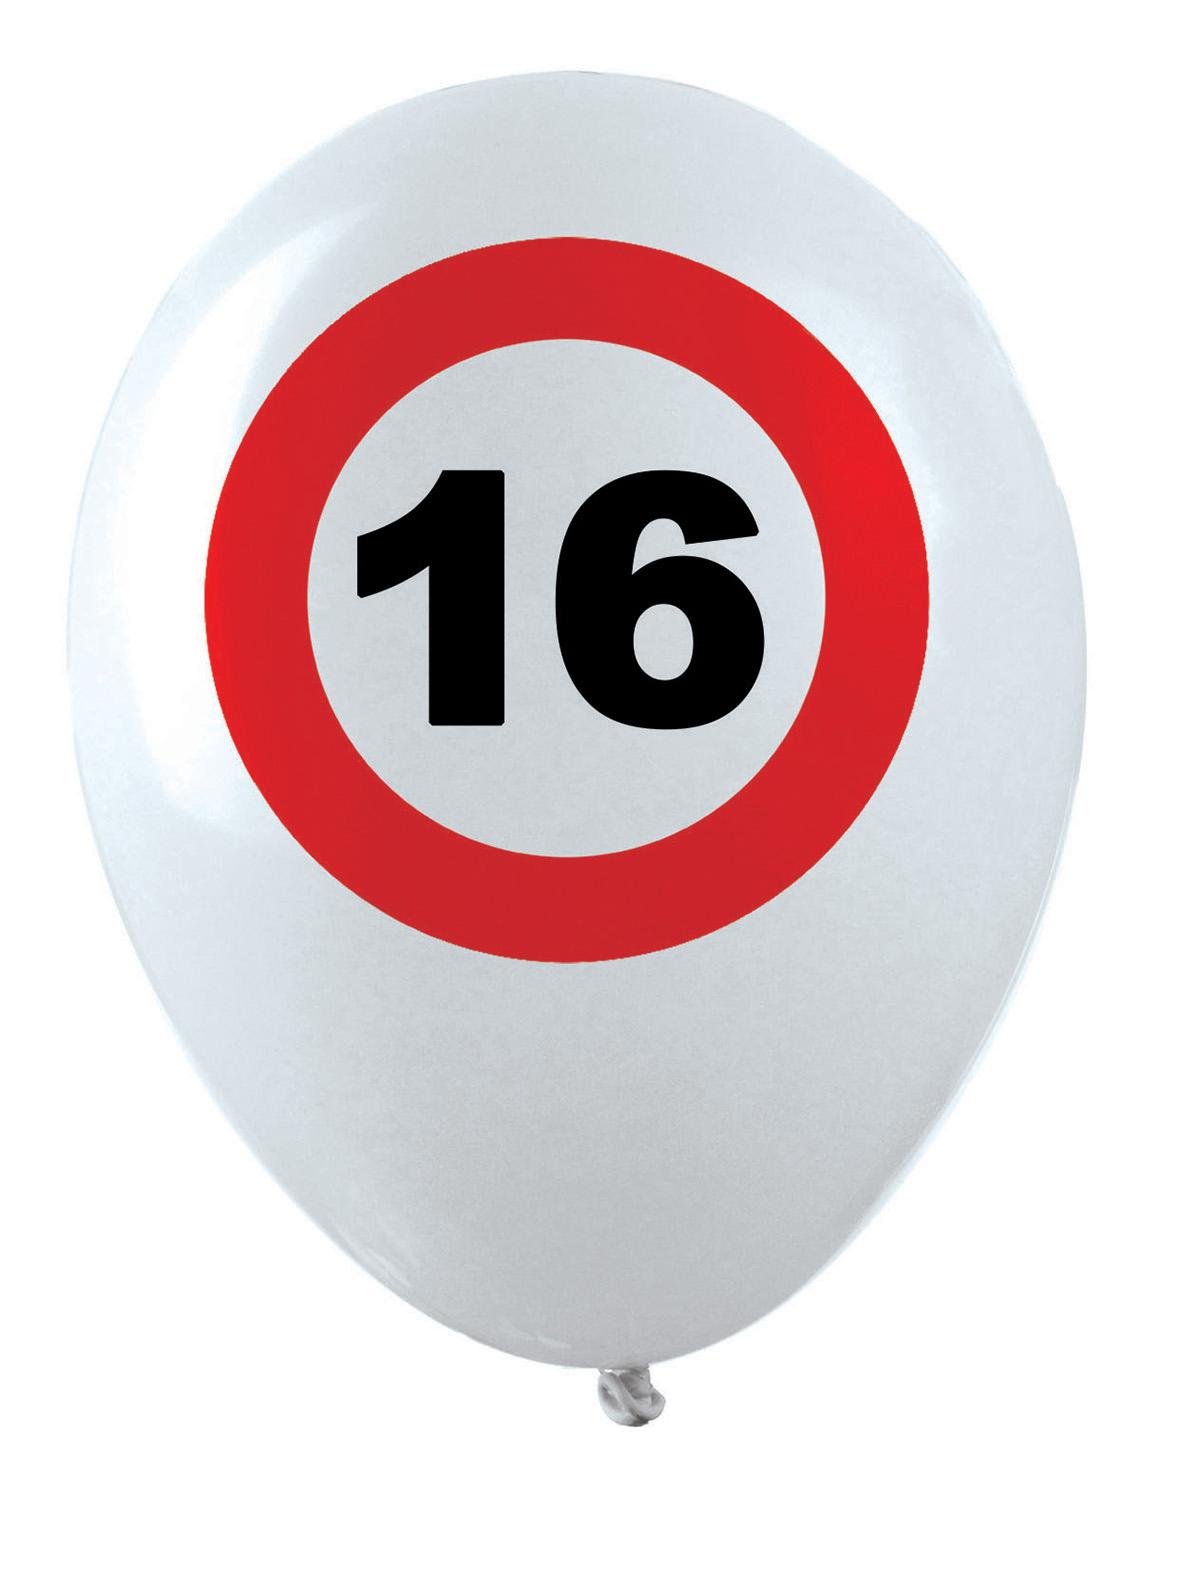 Luftballons 16-70 Geburtstag 16 Jahre